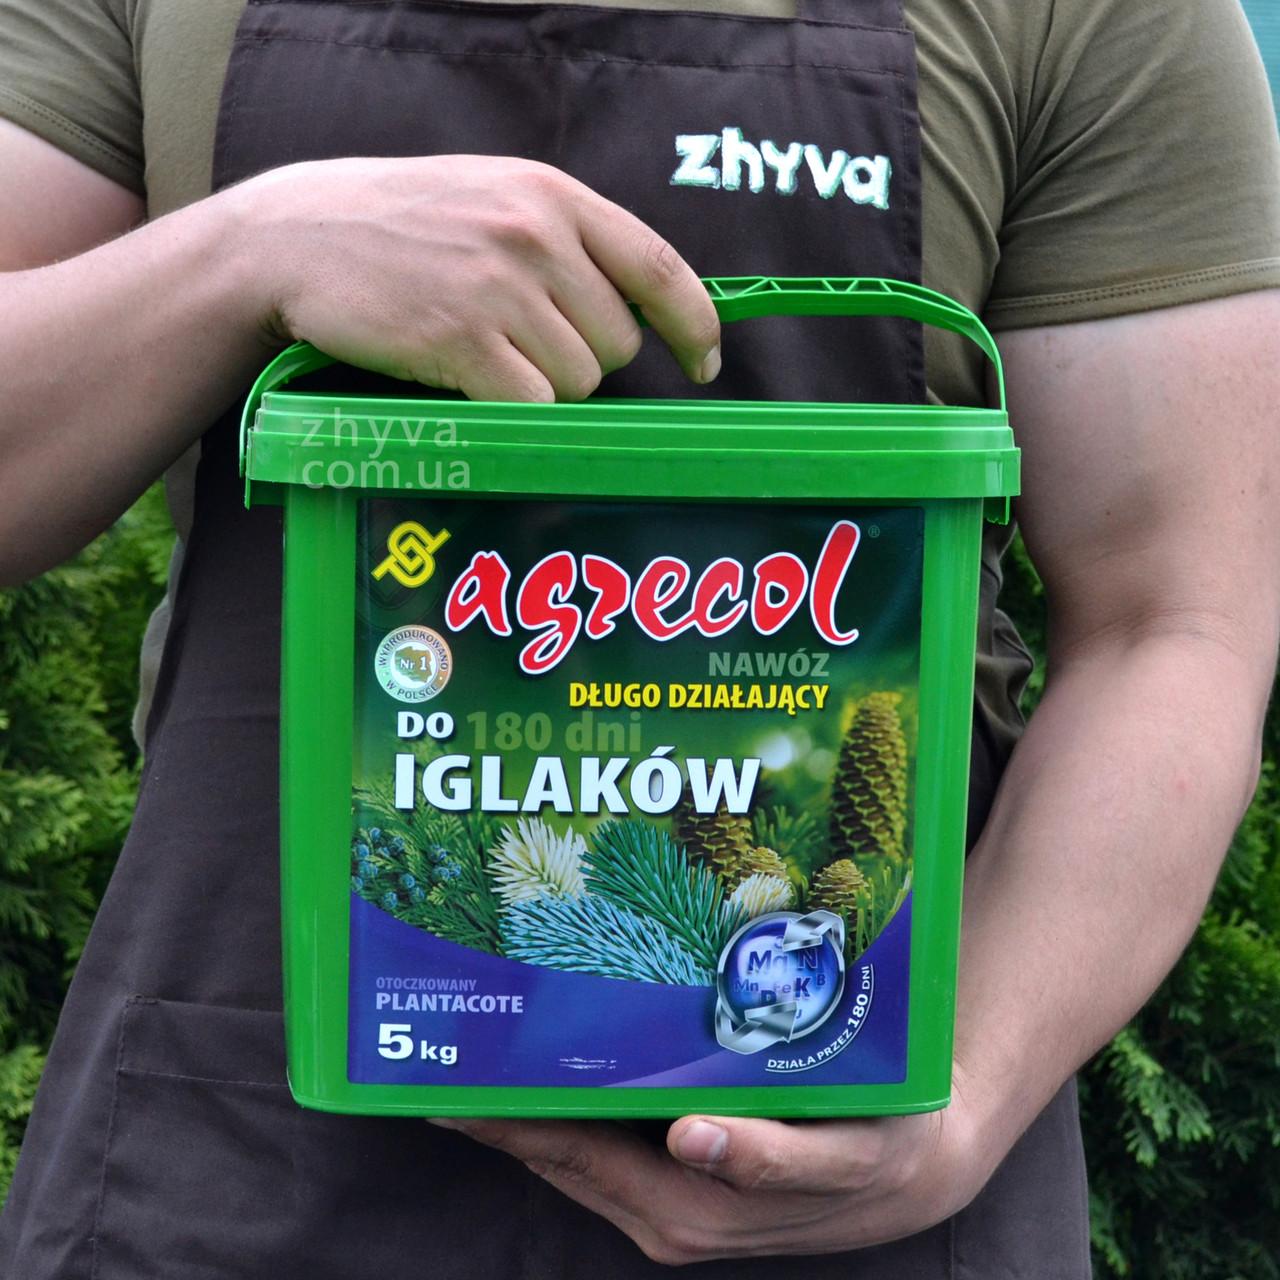 Добриво Argecol Plantacote для хвої 5-6 міс. 5кг